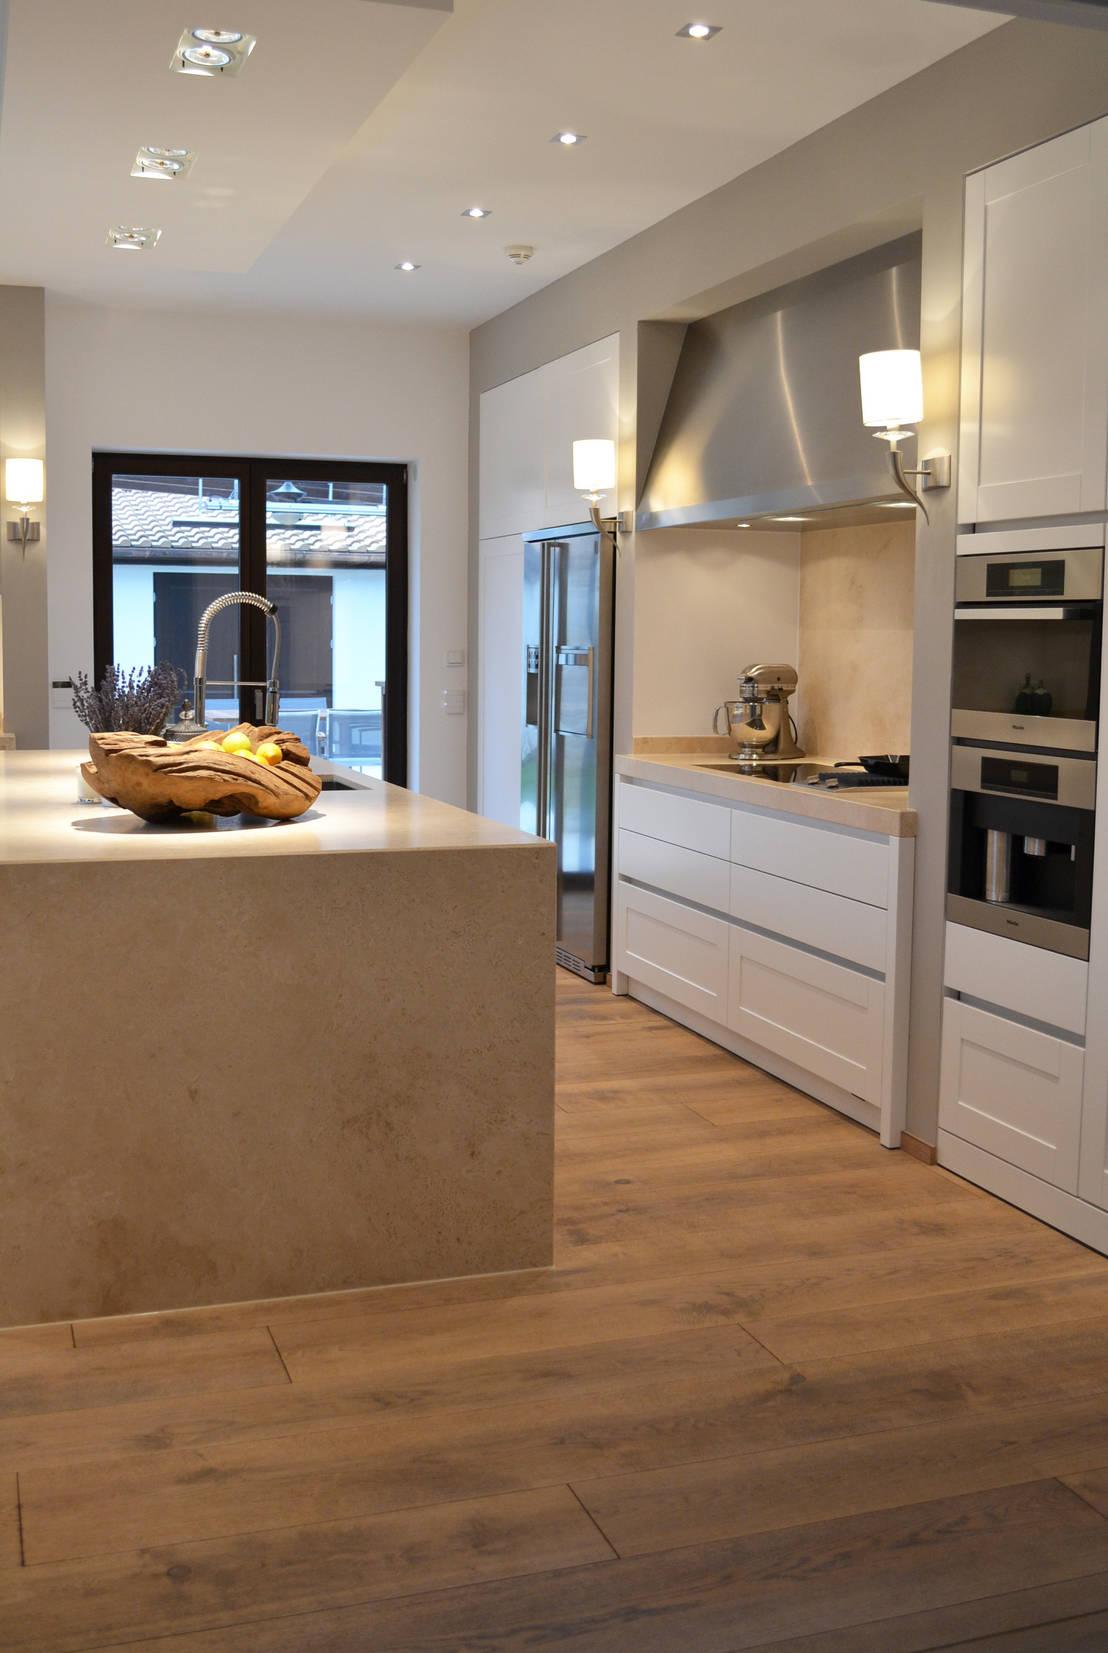 Eggersmann rahmenfront mattlack mit naturstein von wohn for Wohndesign meyer eitensheim